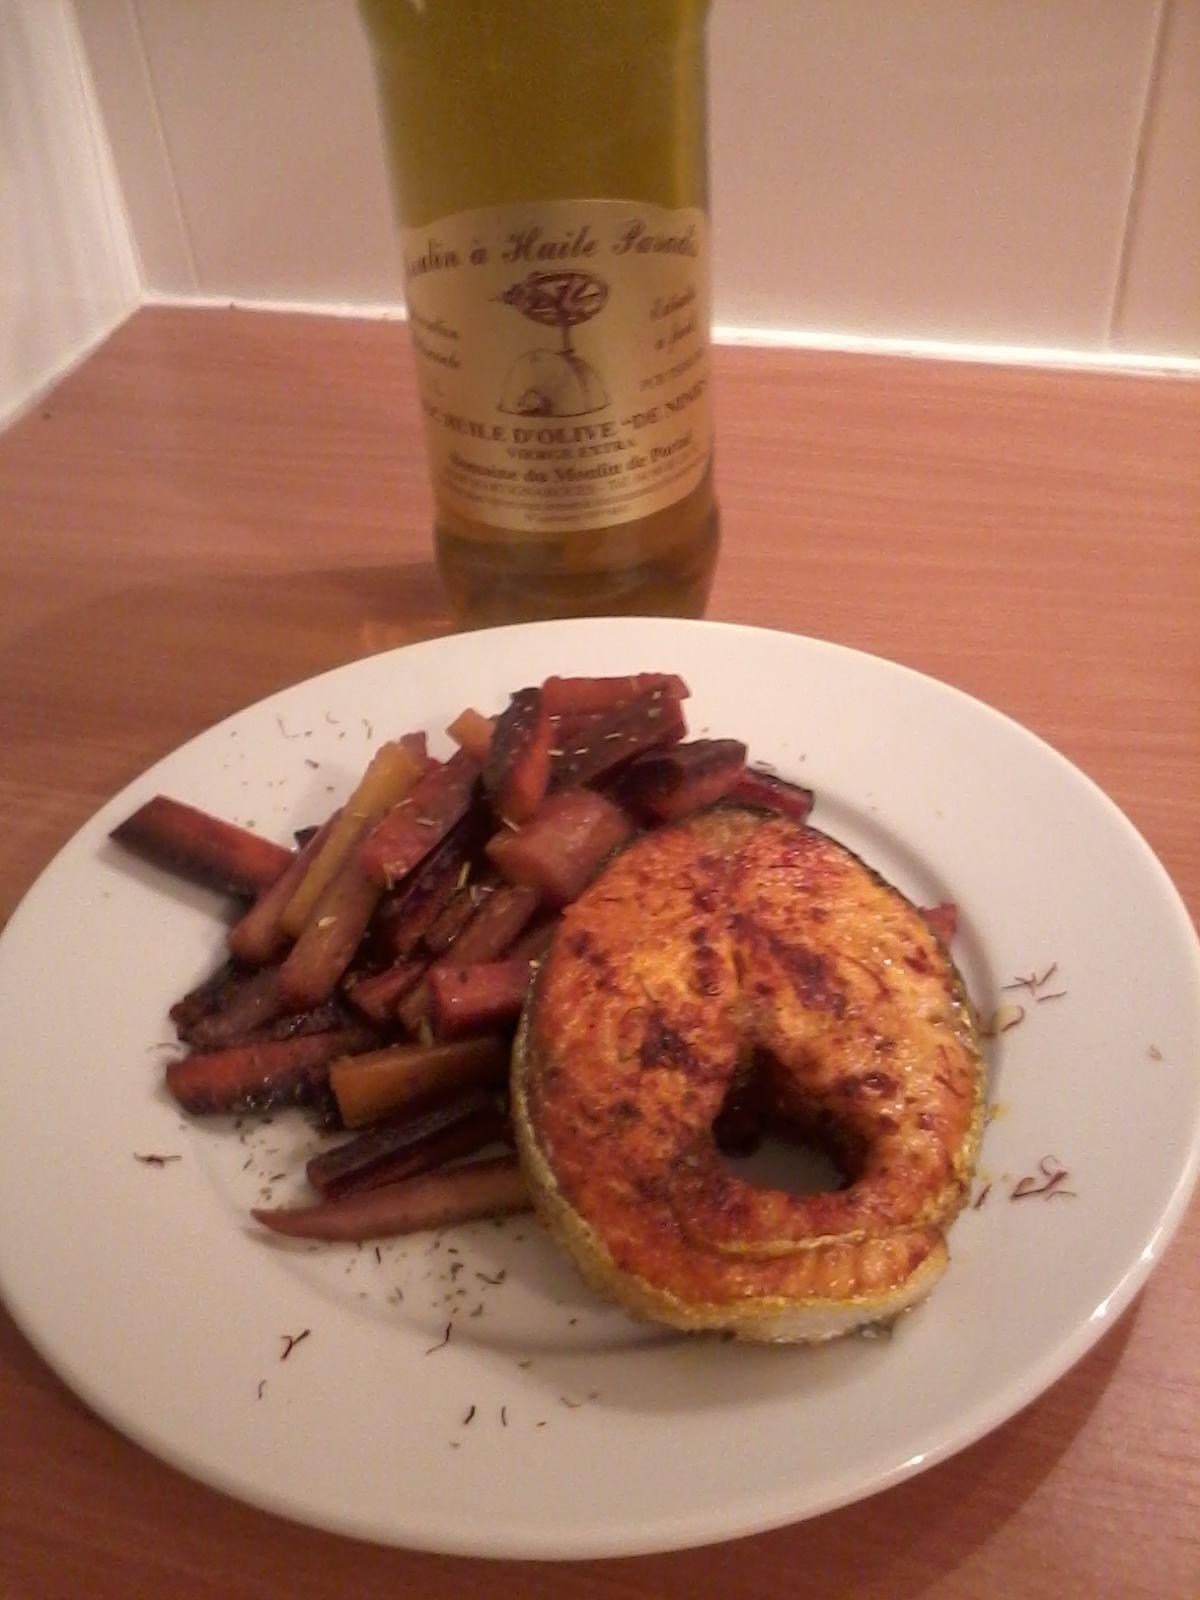 [Gastronomie] -> Huile d'olive Paradis, cuisinez... - Page 7 90420420130201202439